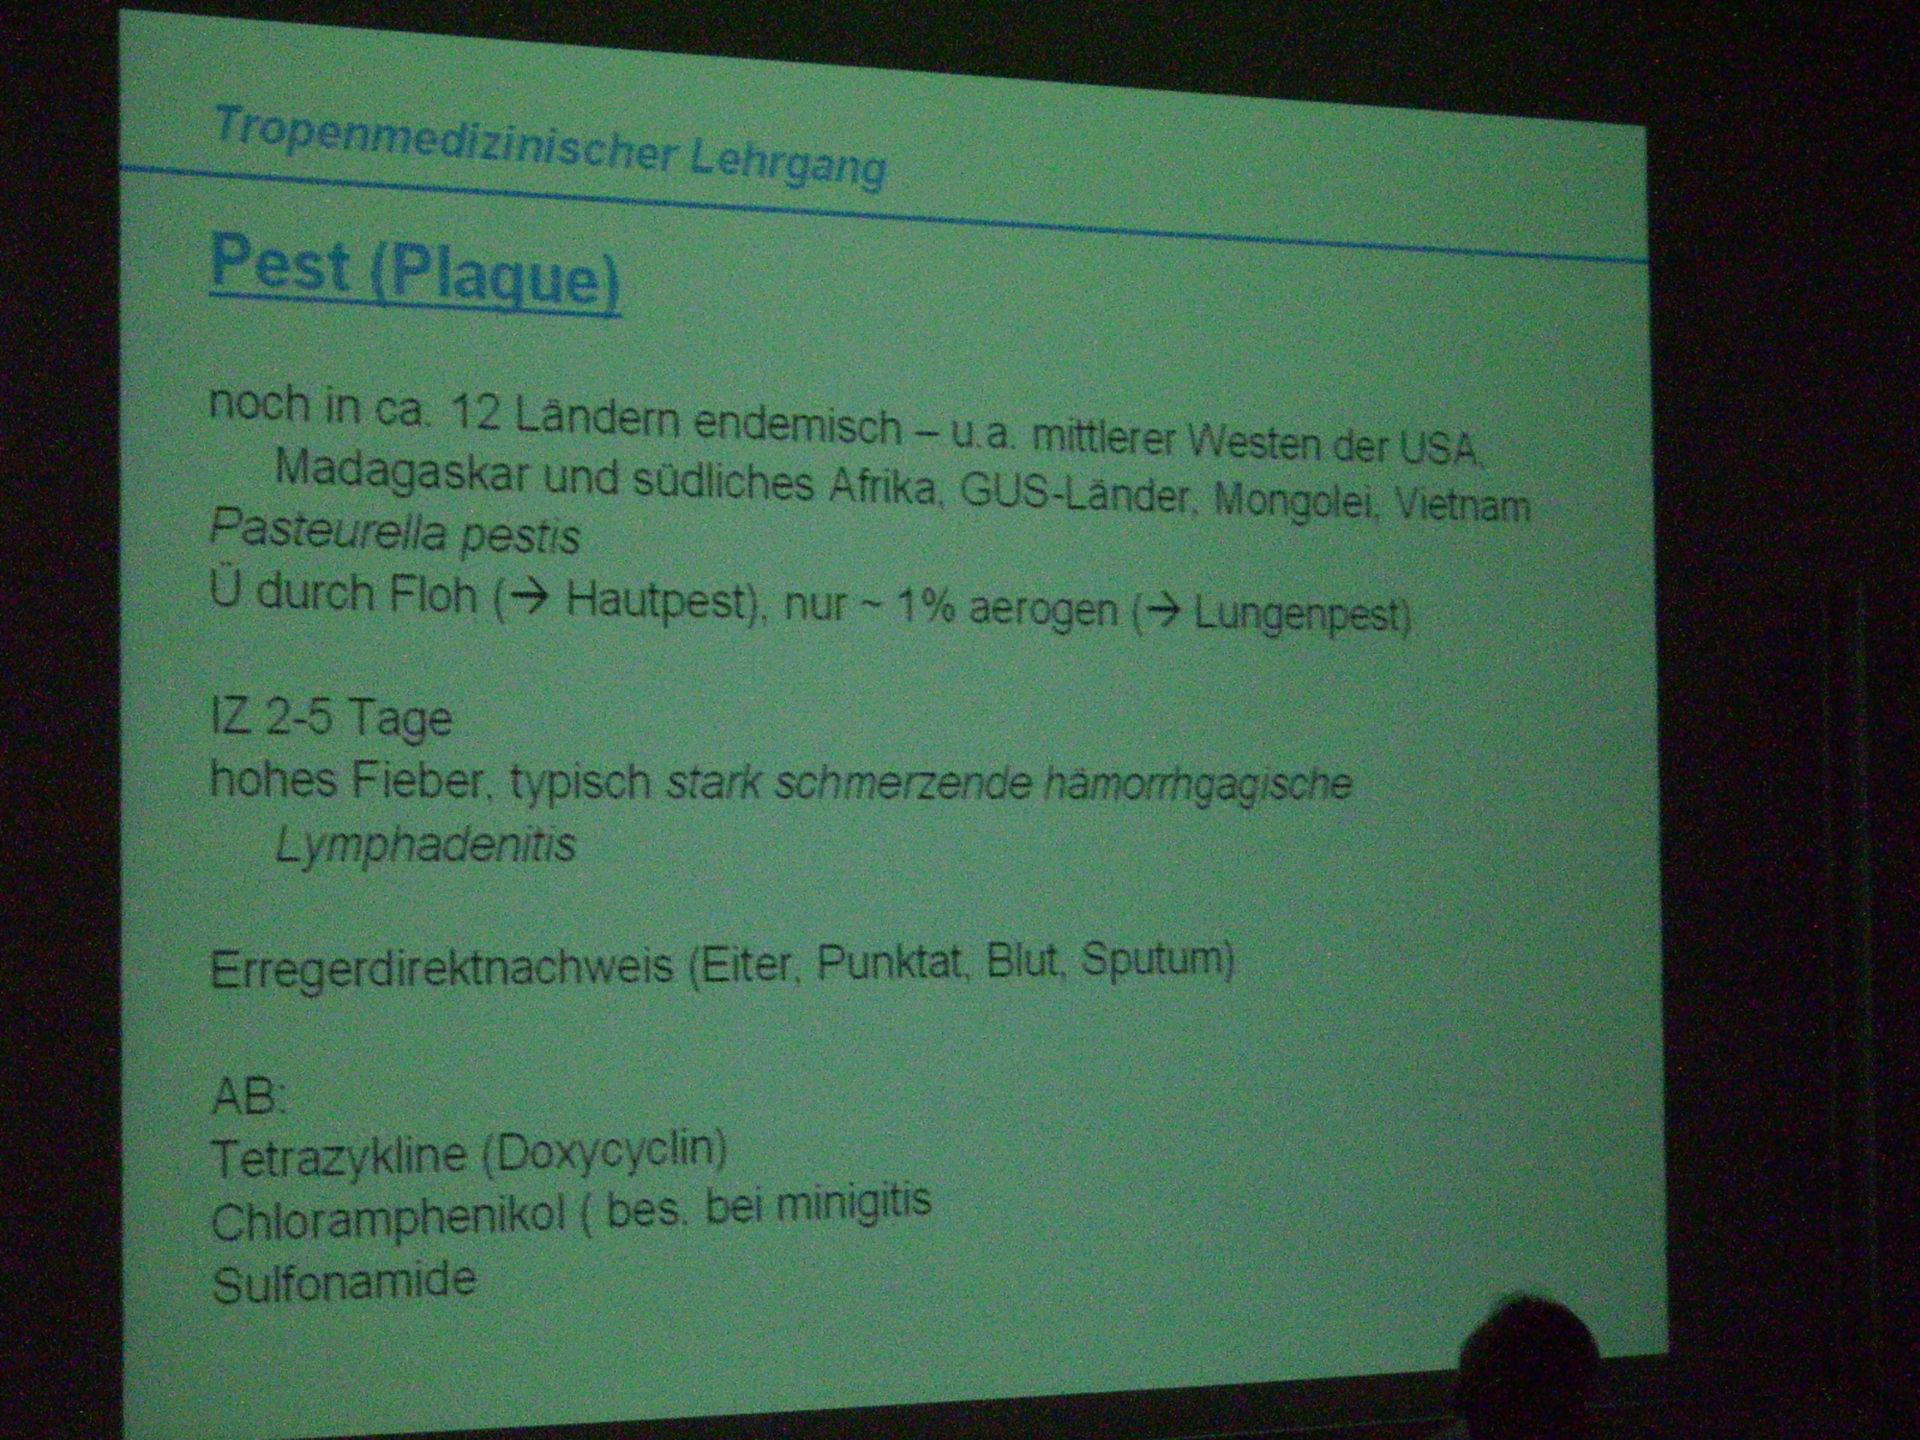 Plague- definition